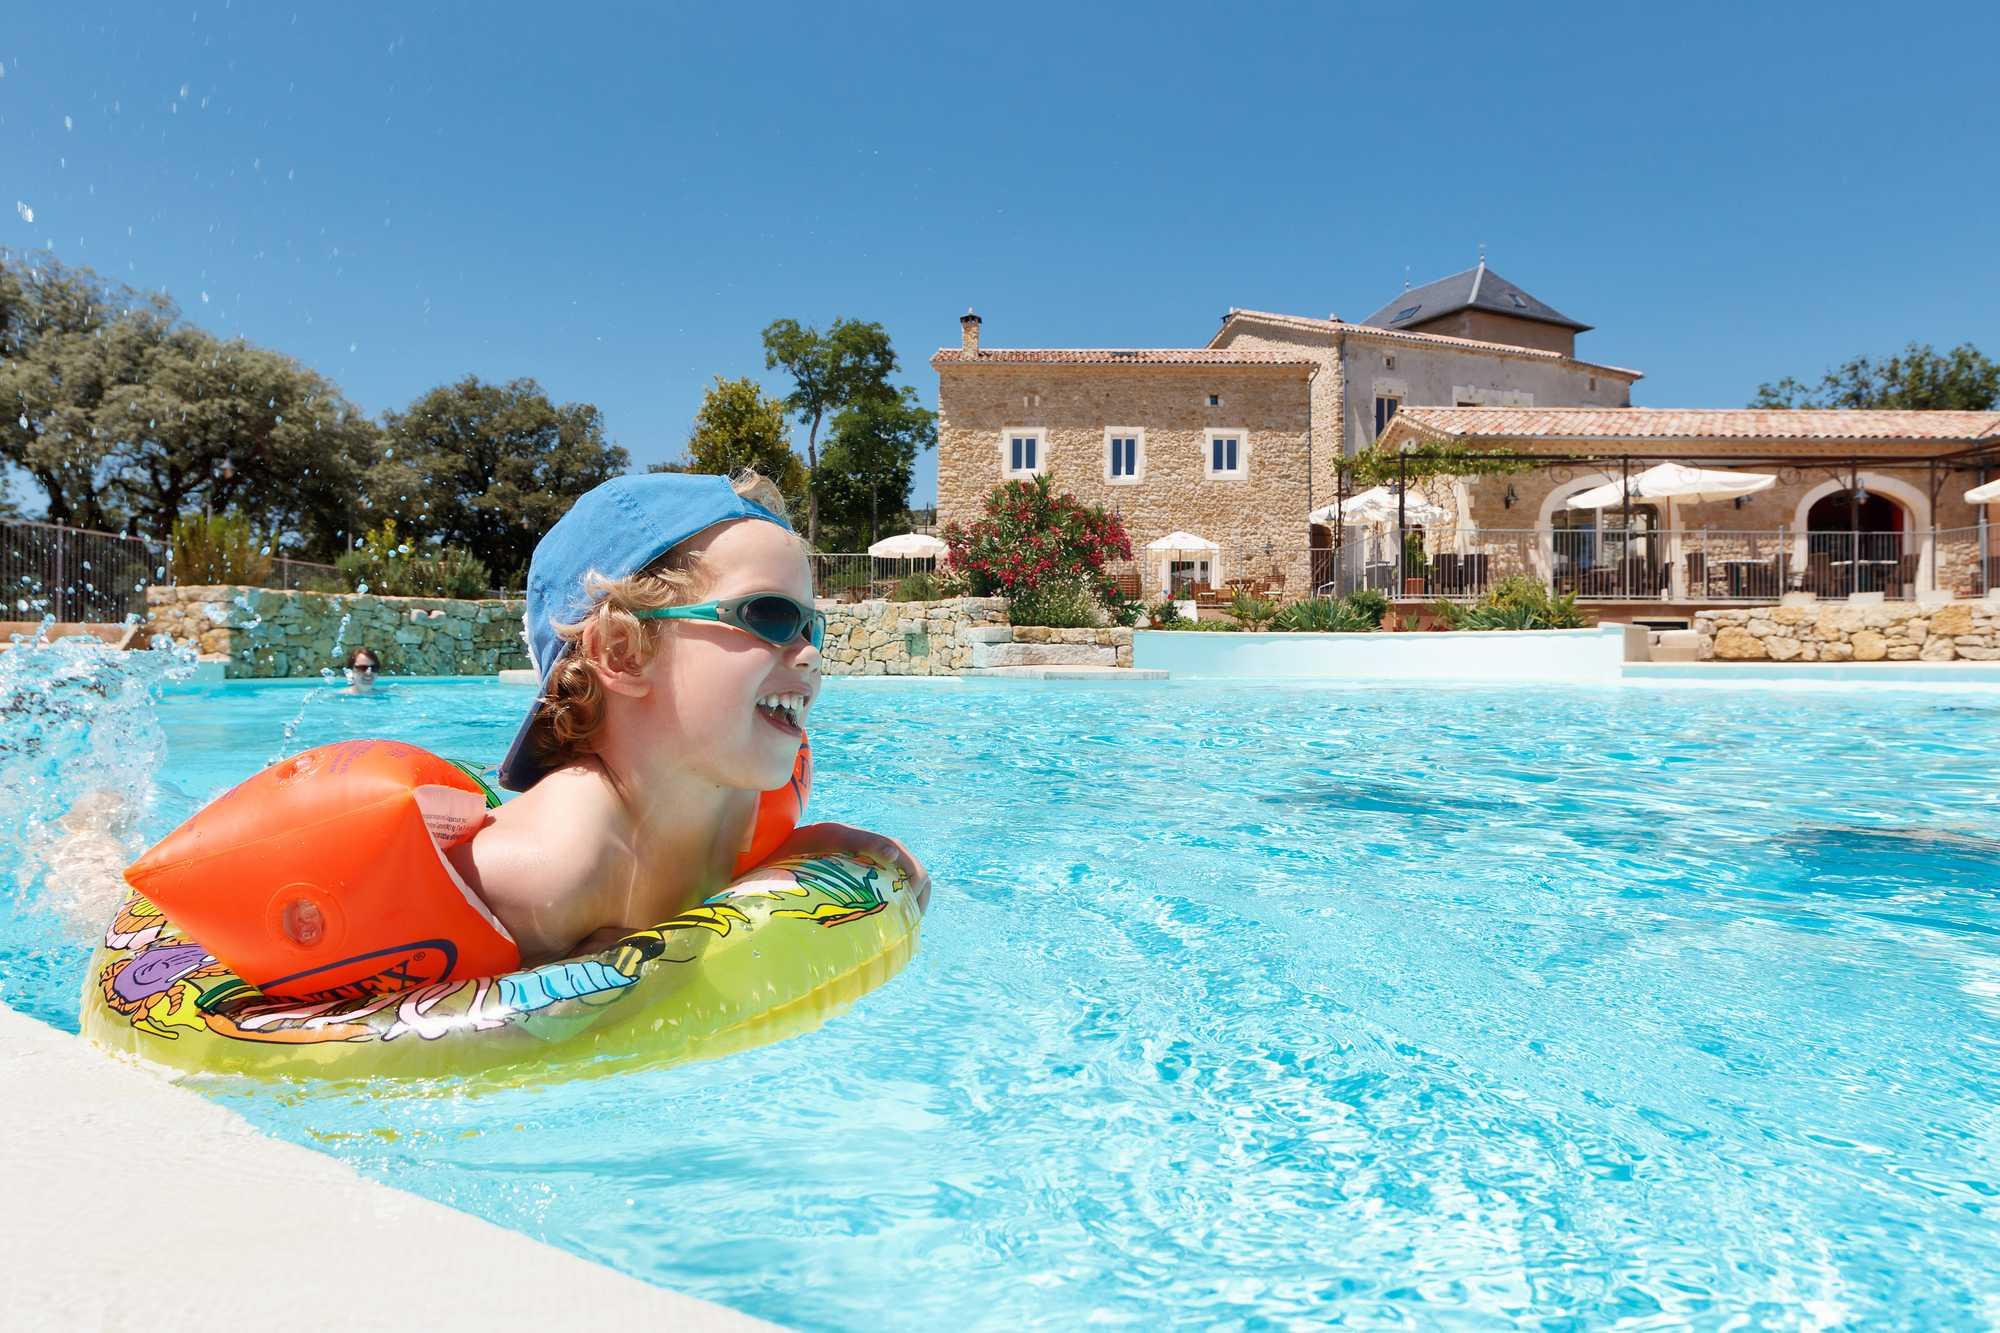 enfant avec bouée dans bassin